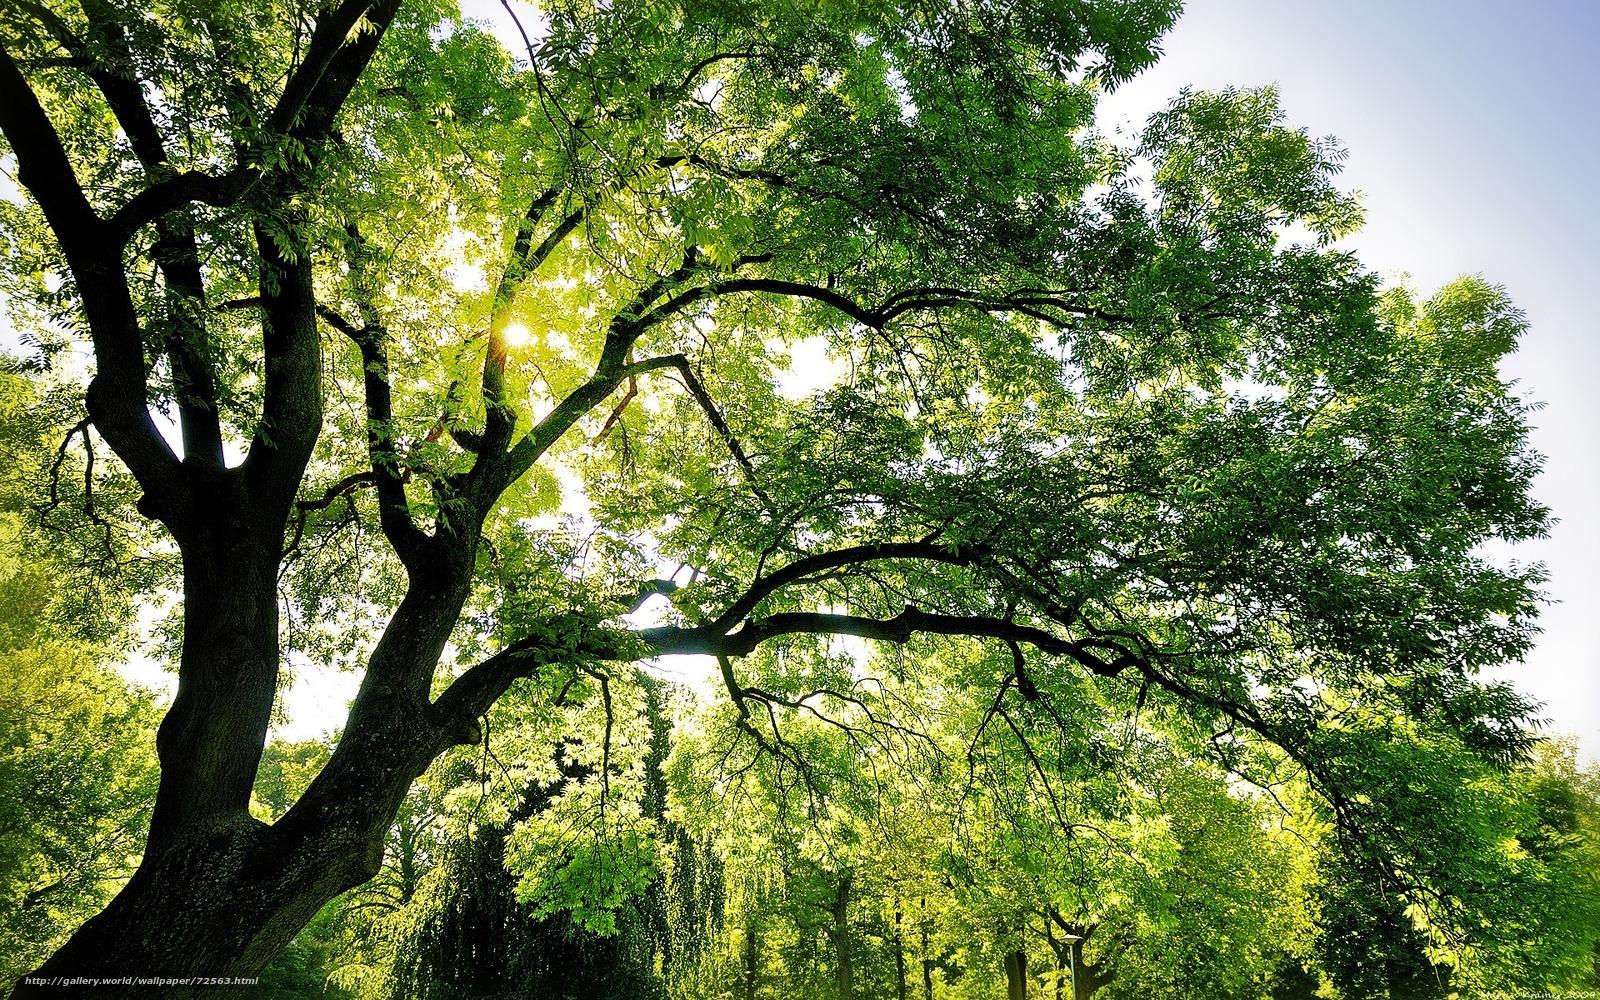 Tlcharger Fond D 39 Ecran Nature Arbre Ciel Papier Peint Fonds D 39 Ecran Gratuits Pour Votre